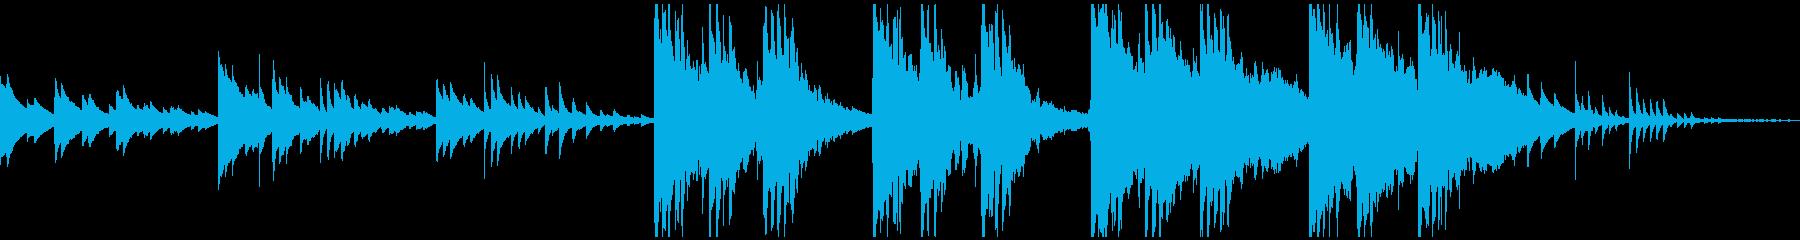 穏やかなピアノアンビエントの再生済みの波形